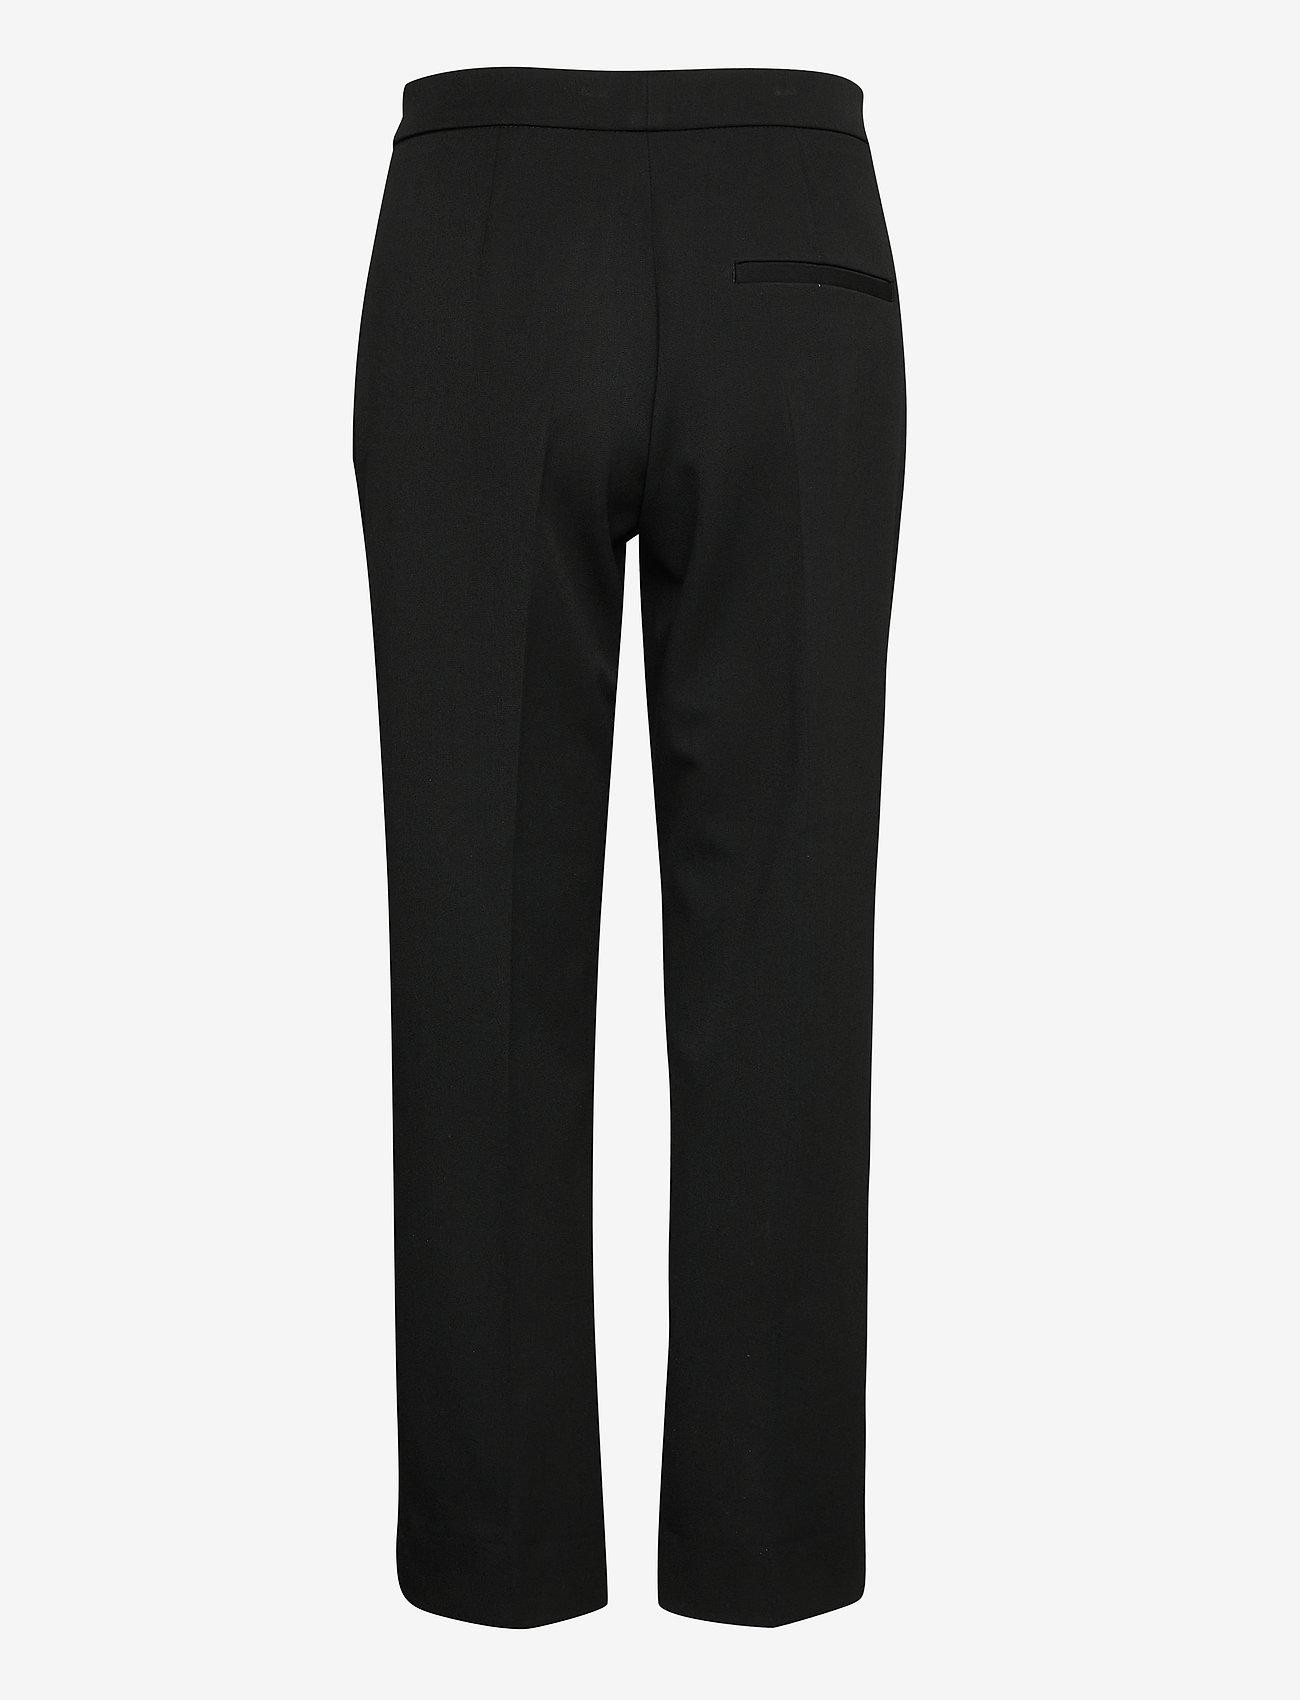 Dagmar - Judith - spodnie proste - black - 1